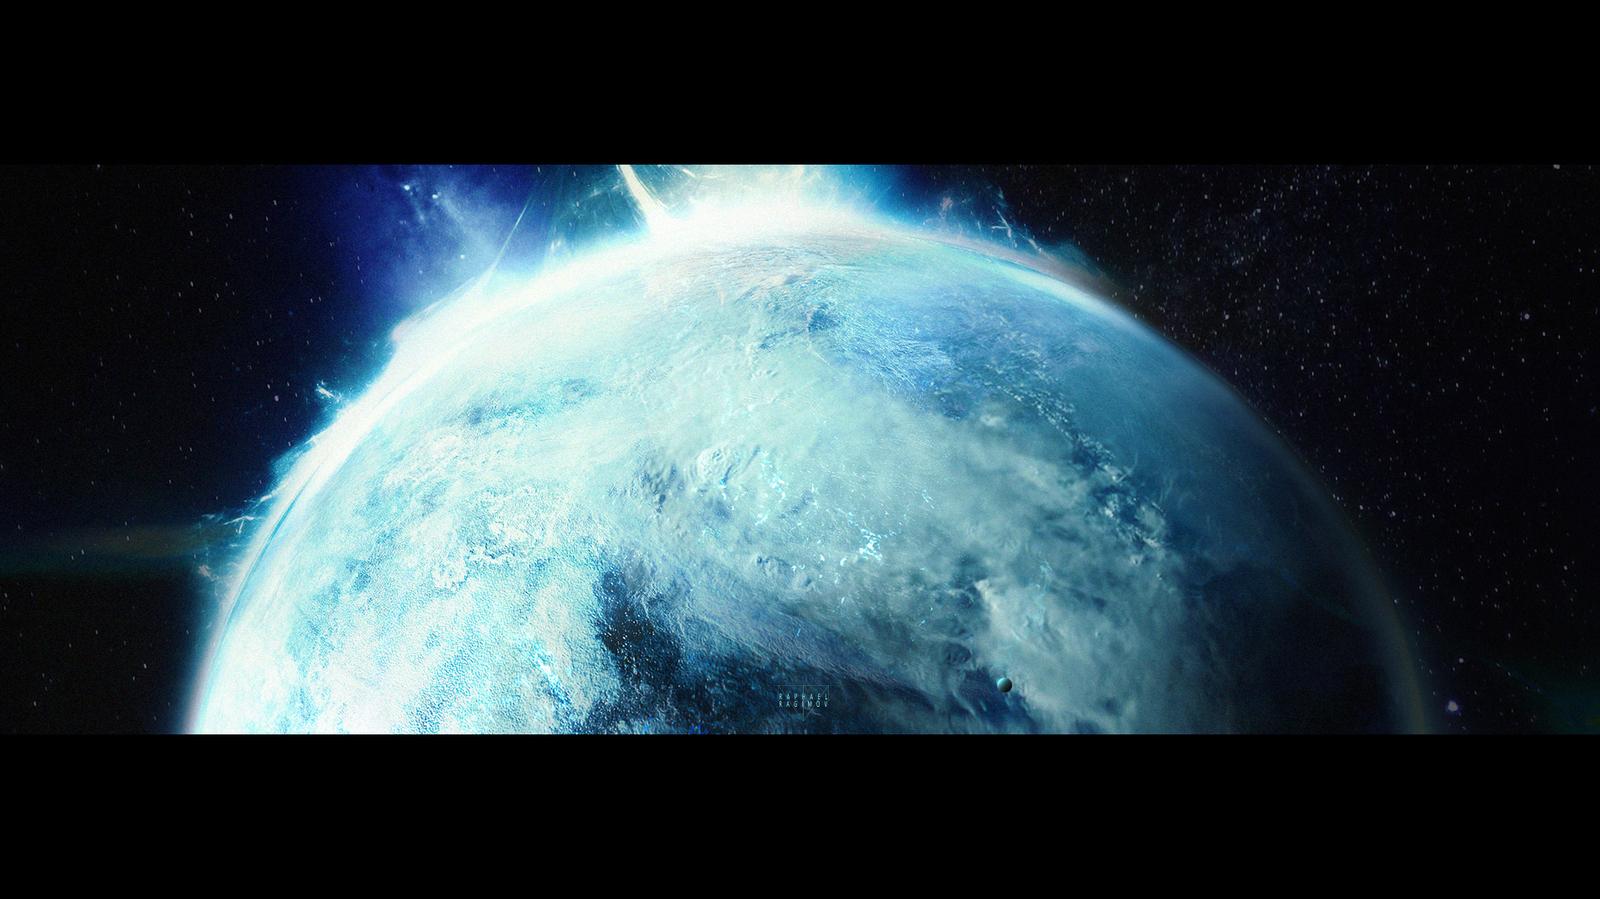 Звёздное небо и космос в картинках - Страница 20 149250123514785942